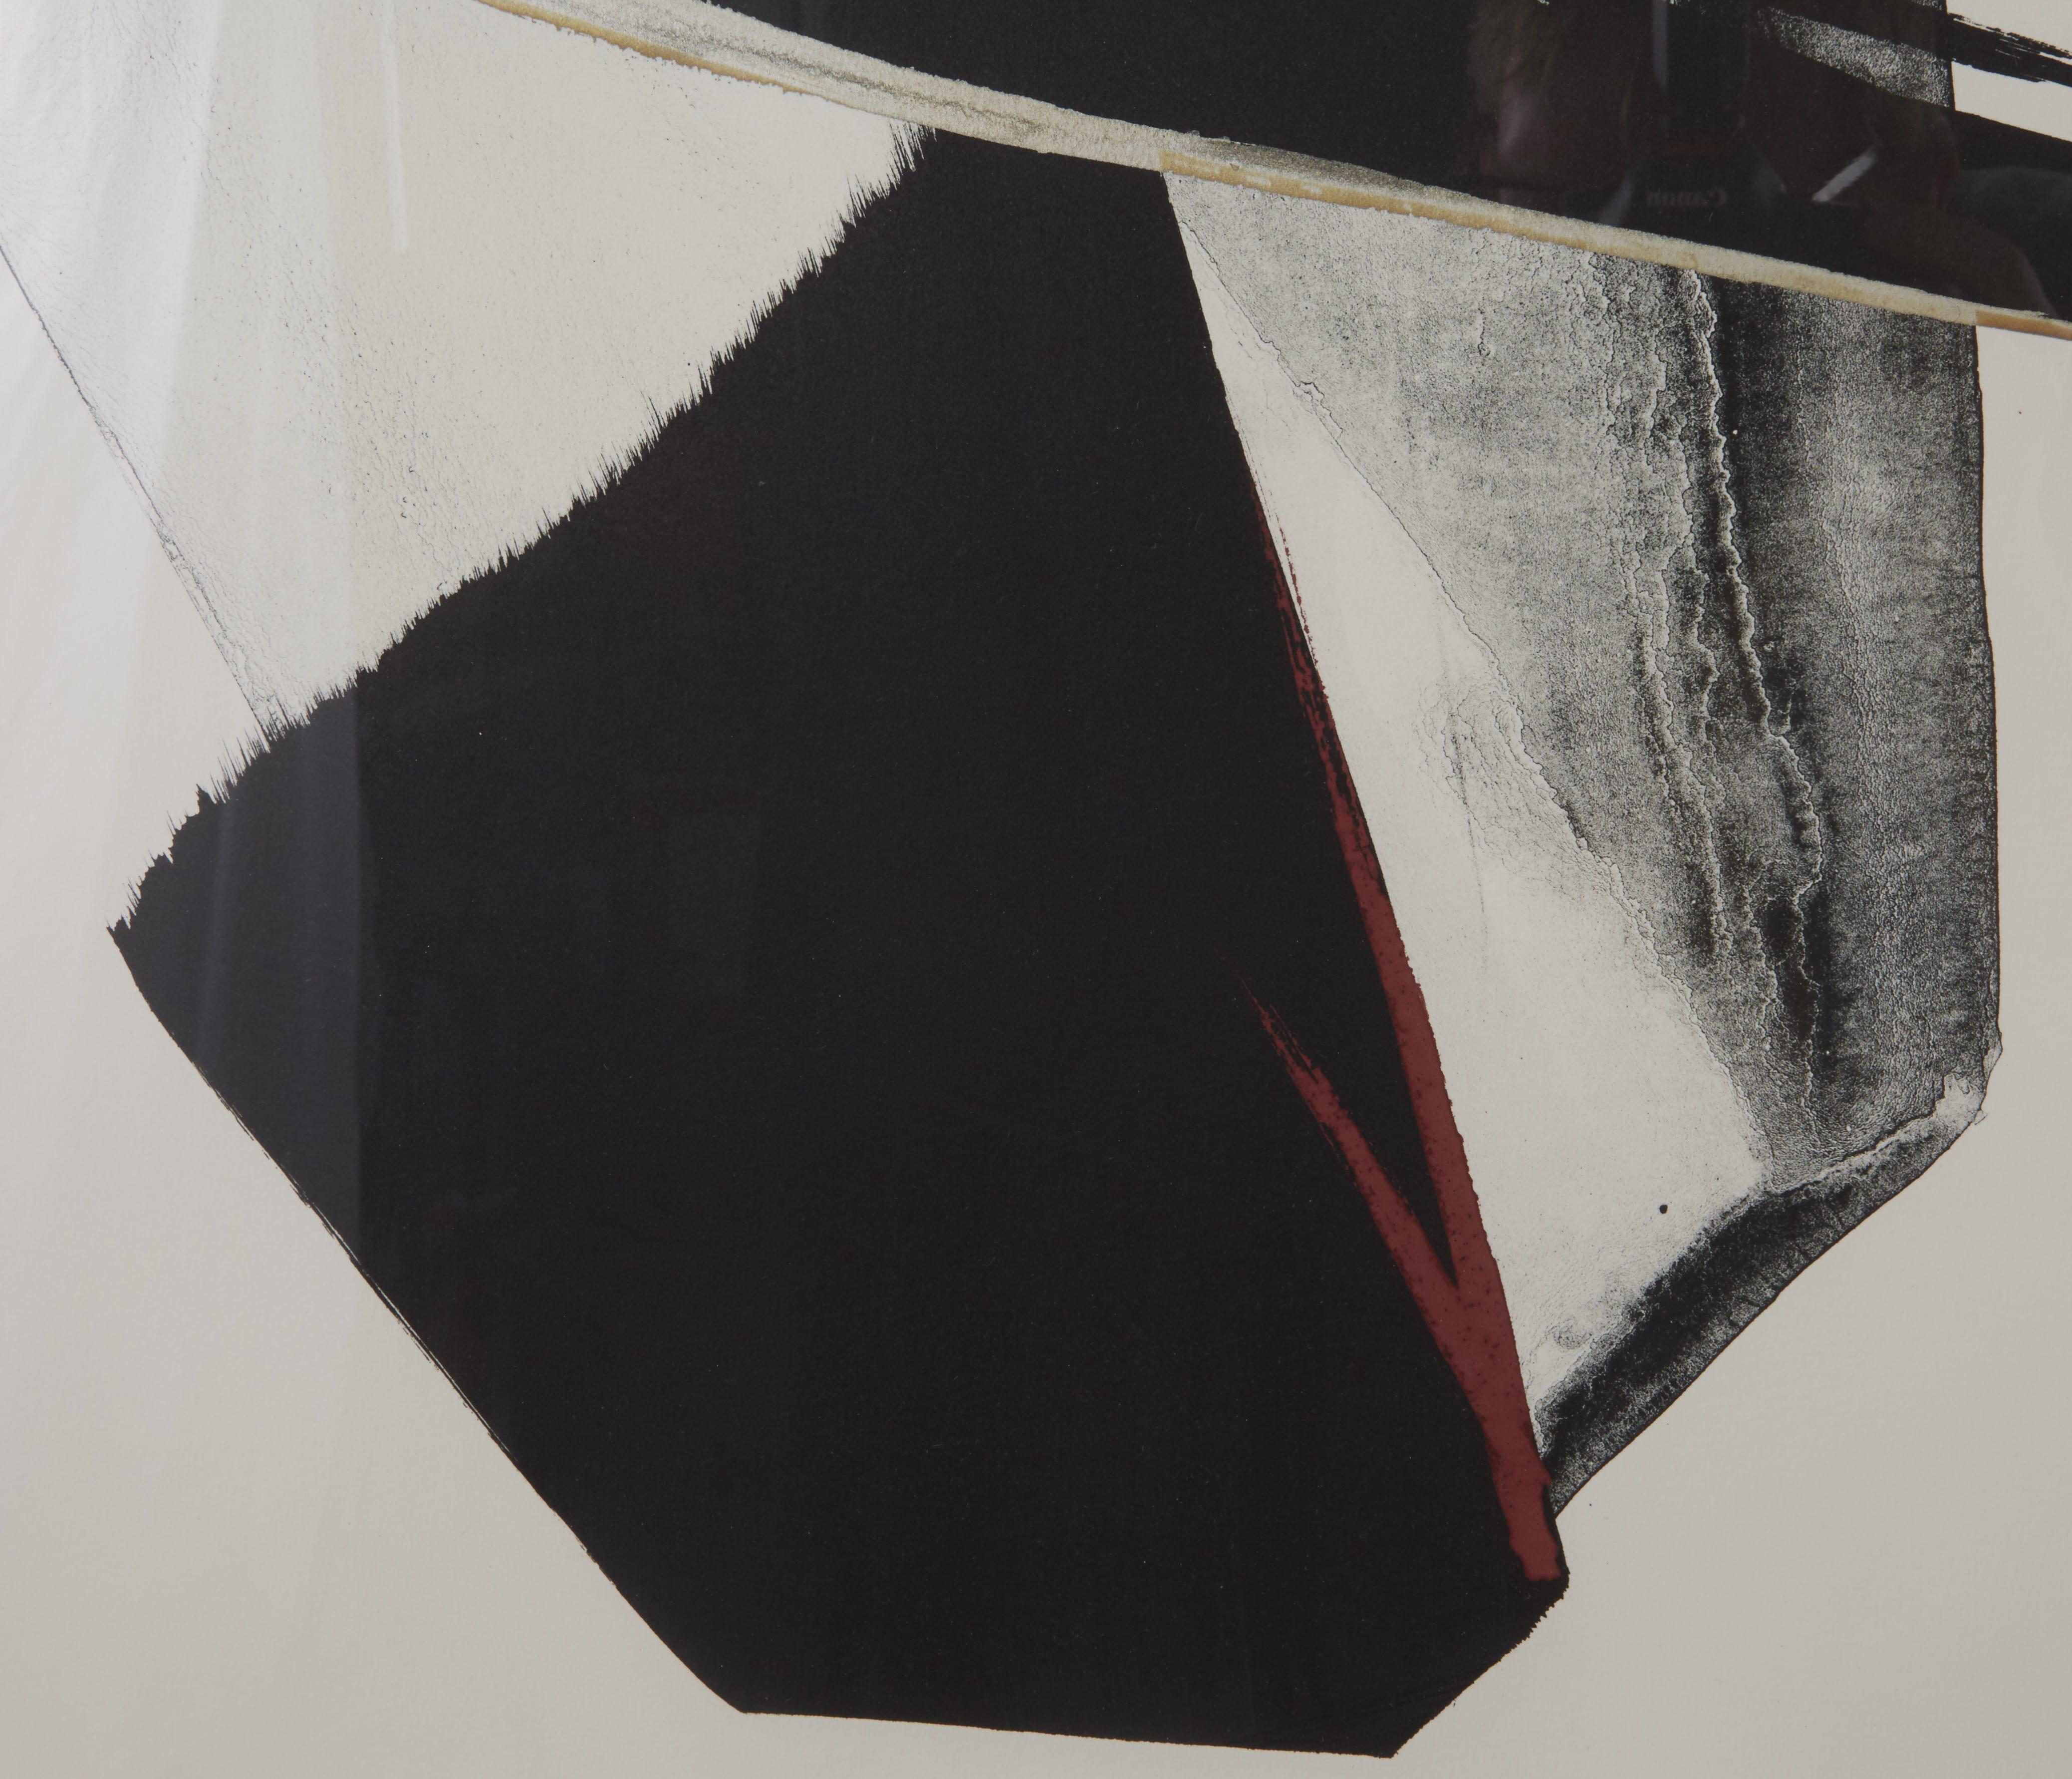 """Lot 240: Japanese Toko Shinoda """"Soaring"""" Ink Print"""